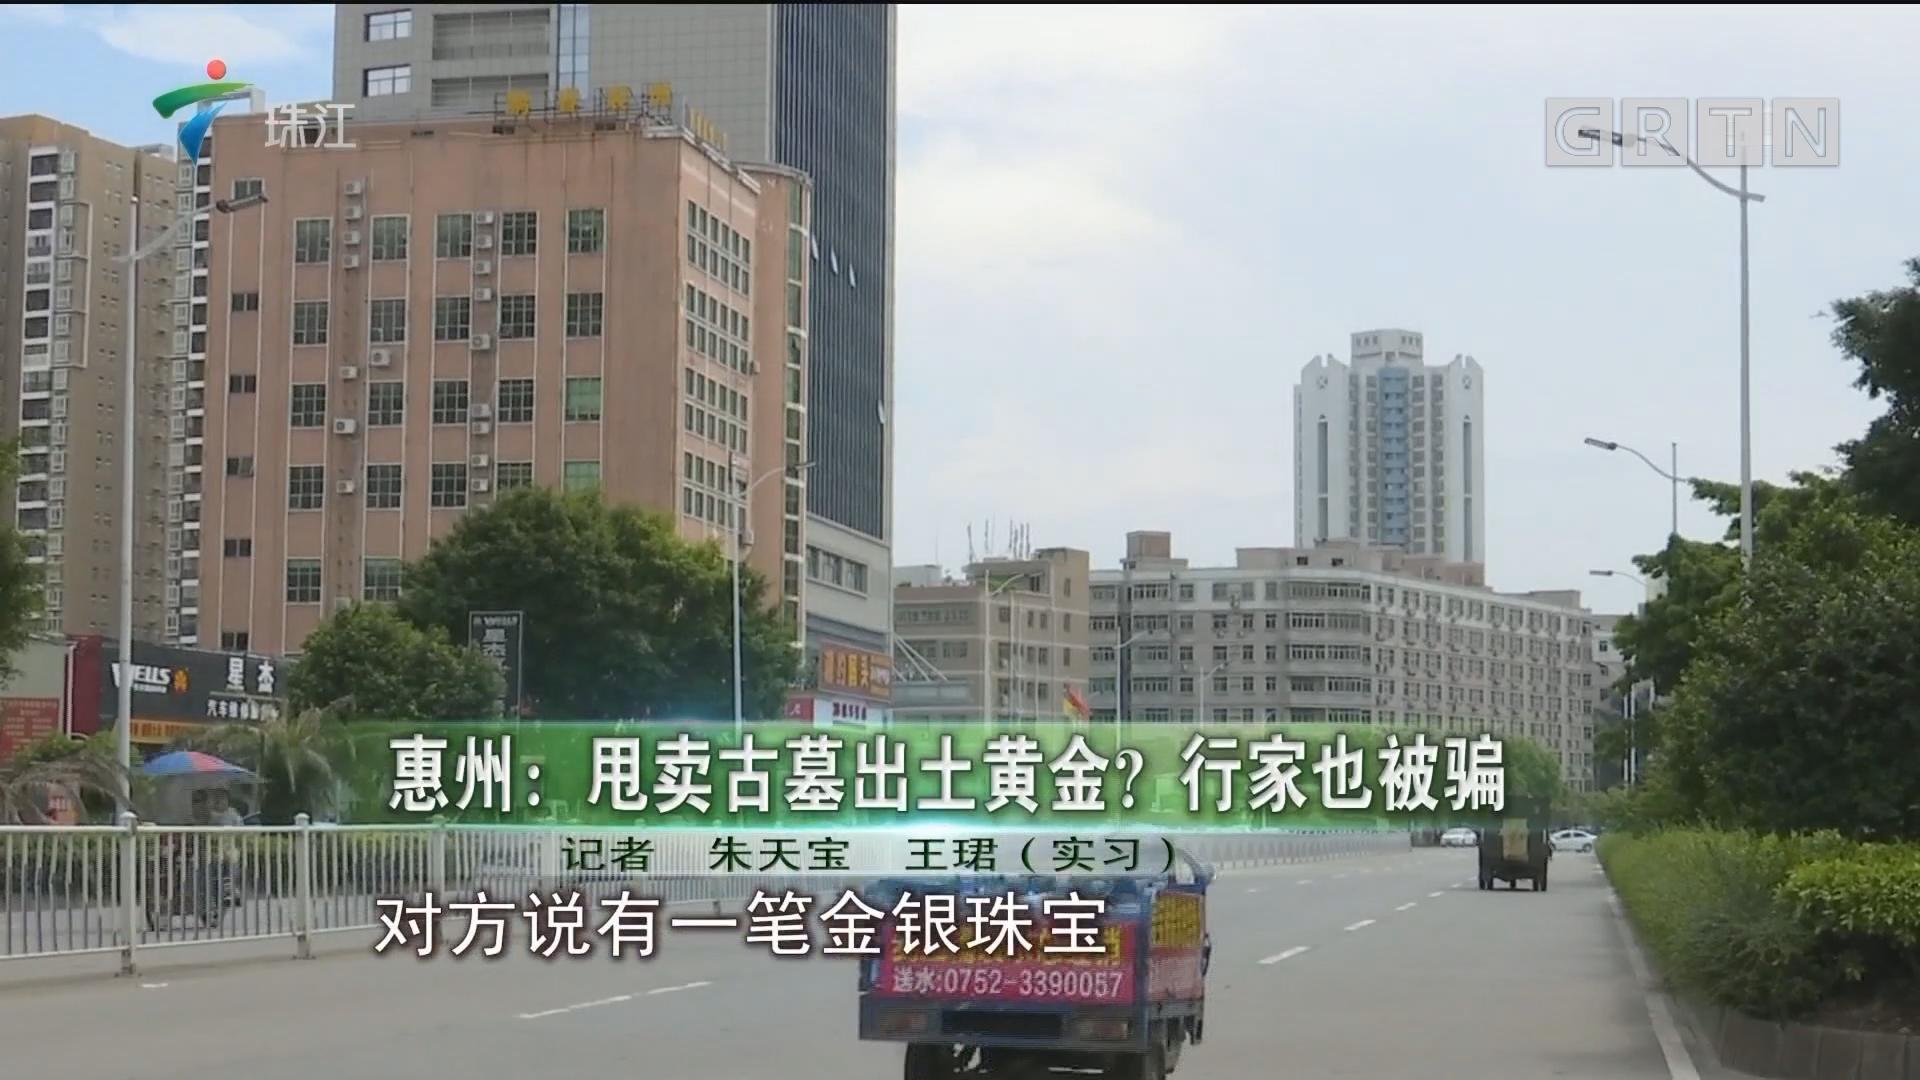 惠州:甩卖古墓出士黄金?行家也被骗